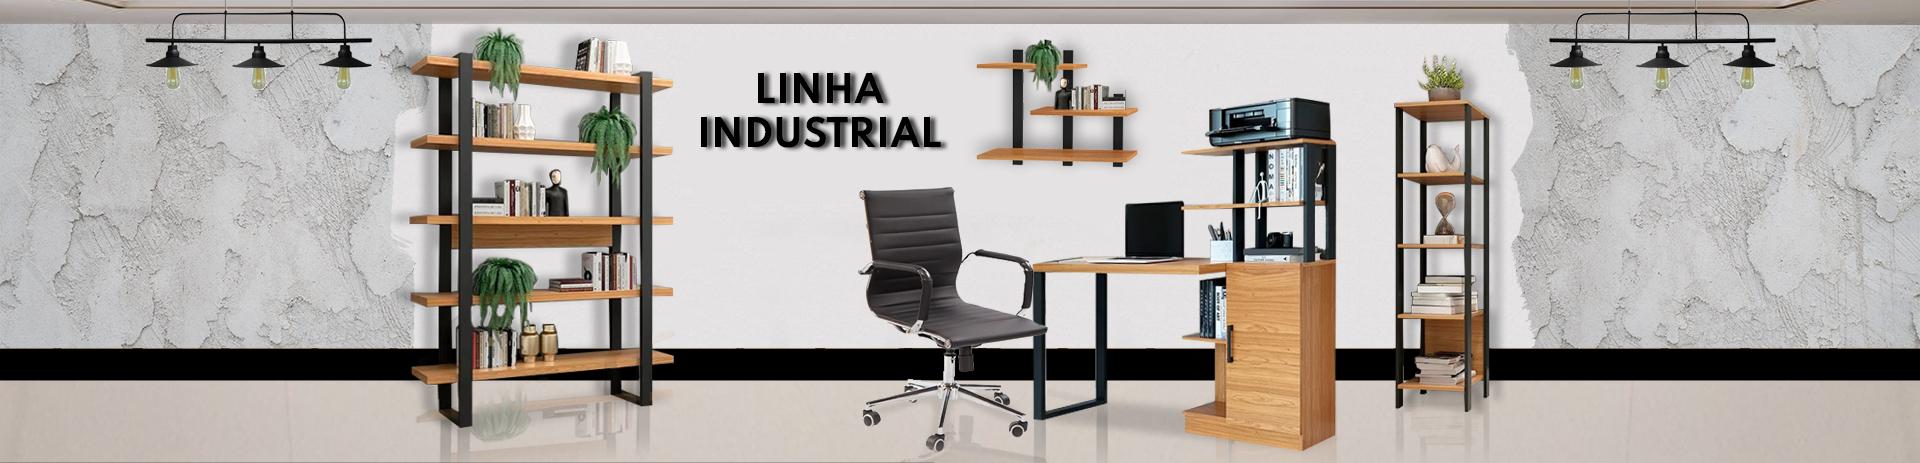 Decorador - Linha Industrial